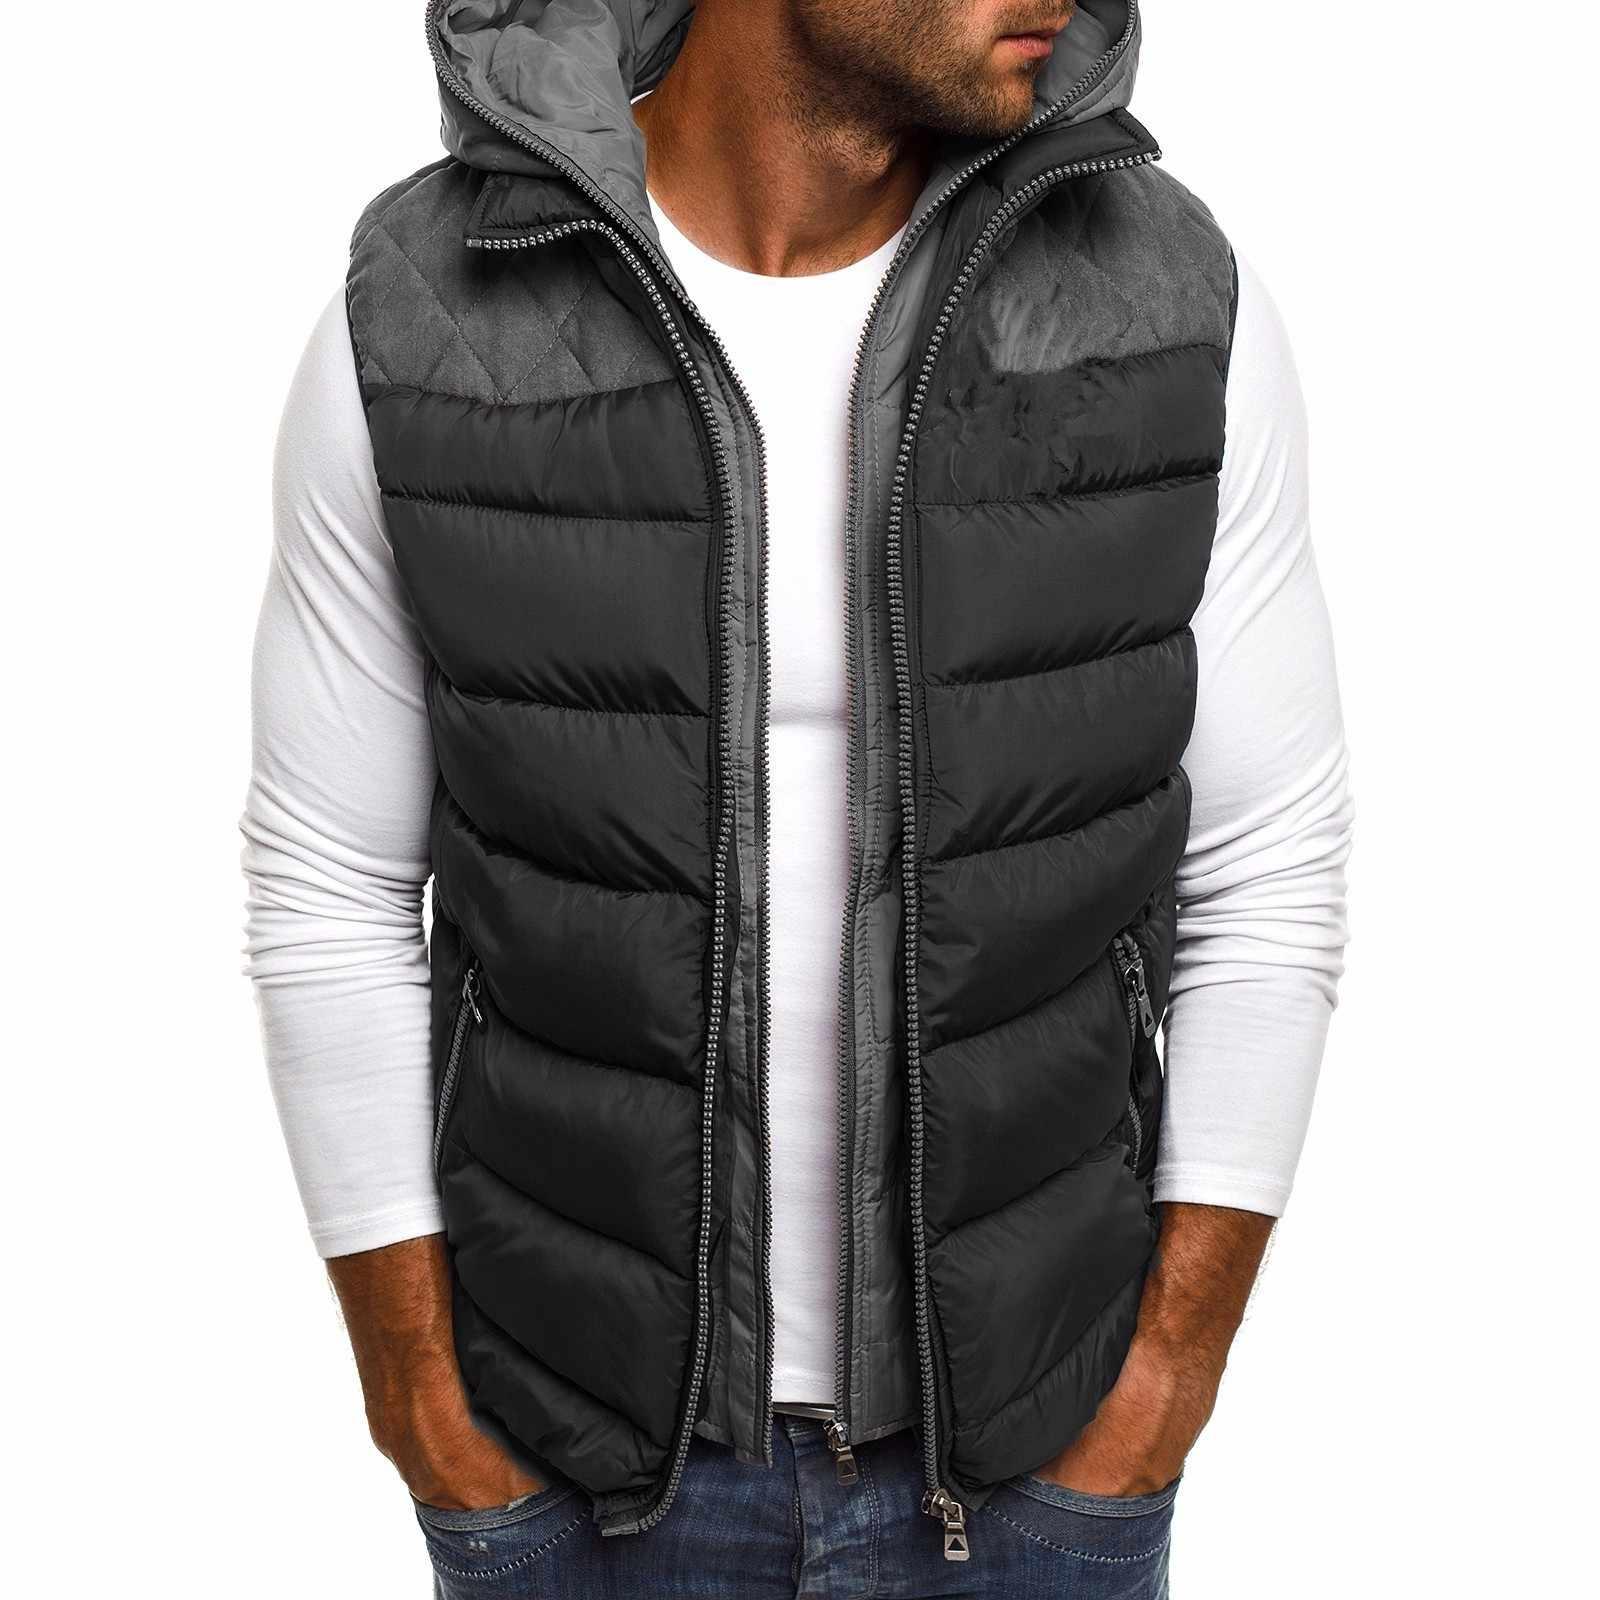 CYSINCOS, новинка, зимнее пальто, жилет, мужская теплая куртка без рукавов, повседневный жилет, хлопковый жилет, пальто с капюшоном, пуховик, мужской жилет